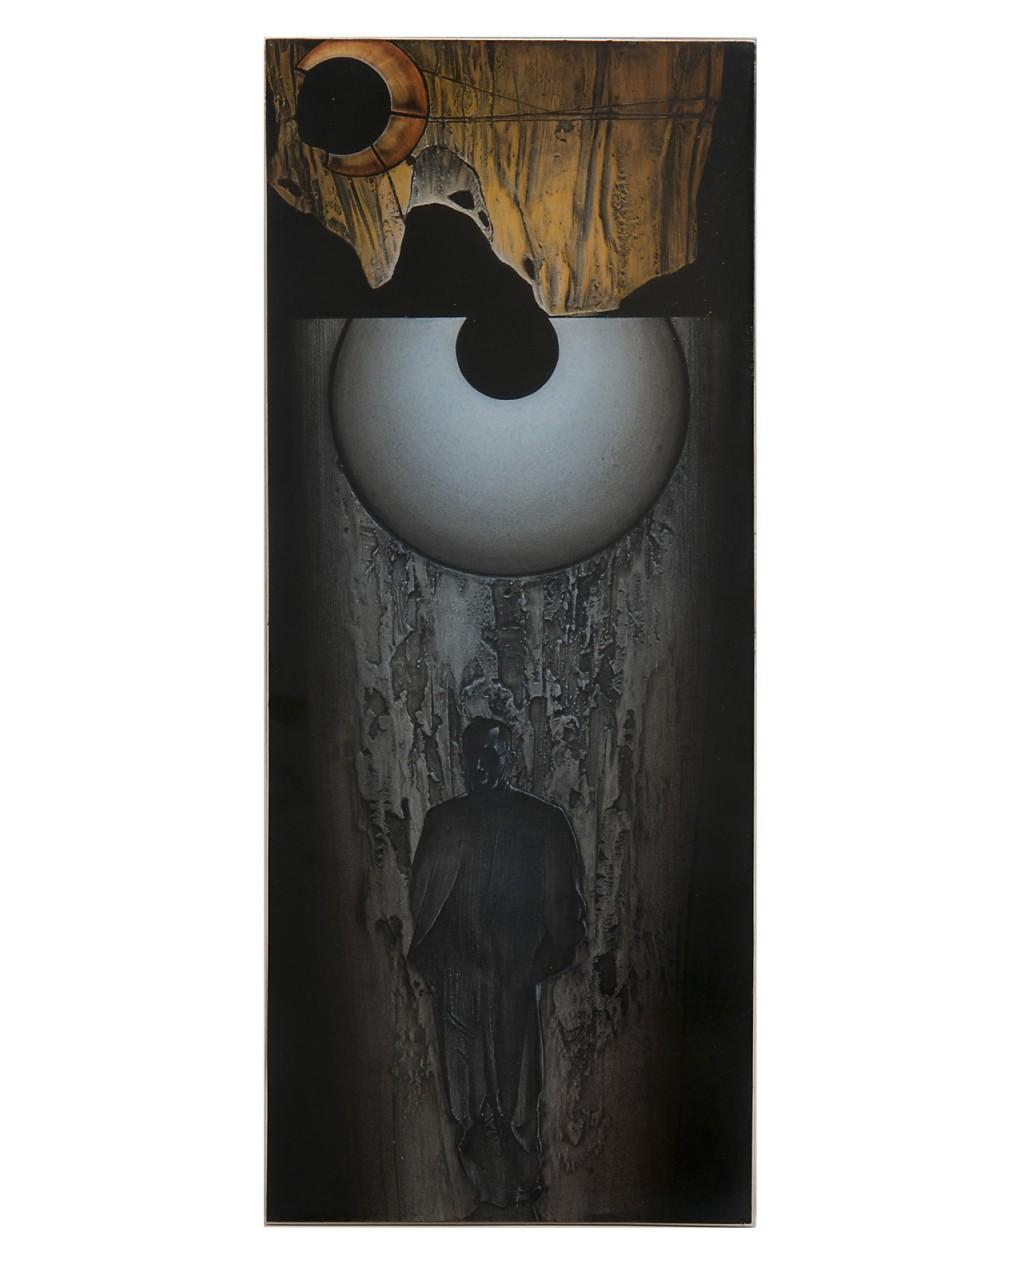 Roccia pensosa 2013 - cm 24,7x61 - resina epossidica, colori acrilici, glassatura epossidica